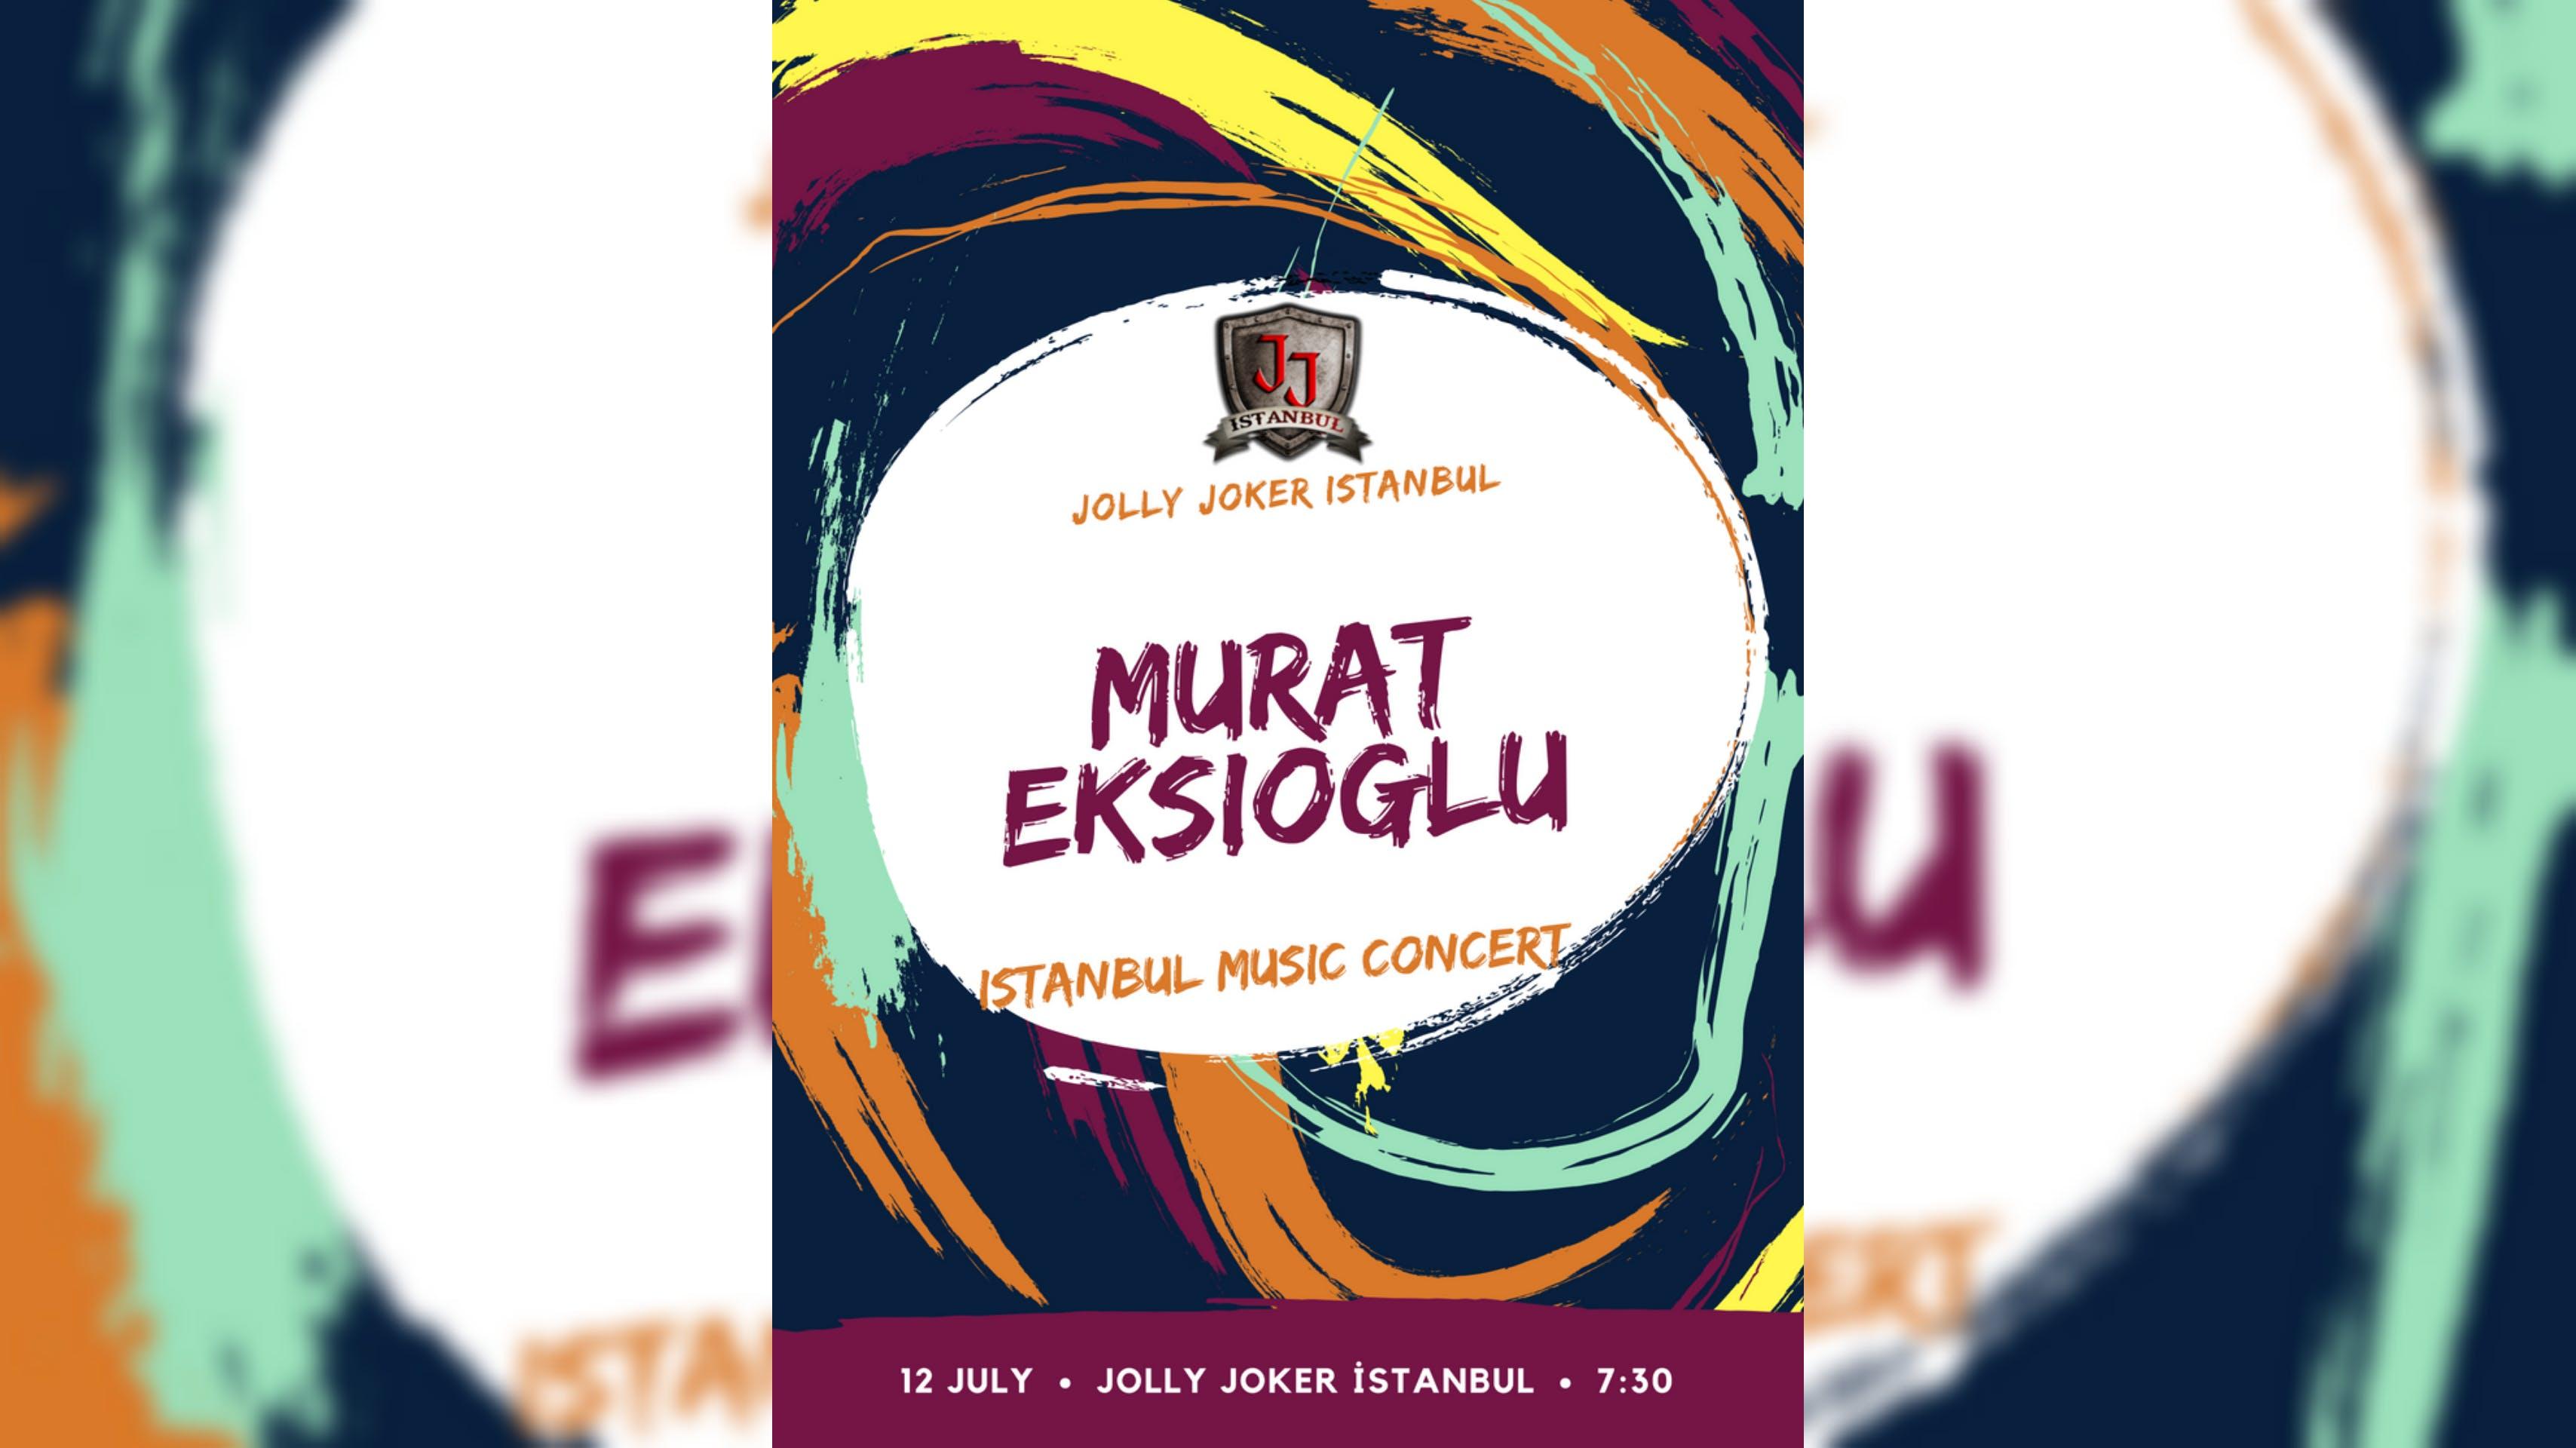 Murat Ekşioğlu Jolly Joker İstanbul Concert Etkinlik Afişi